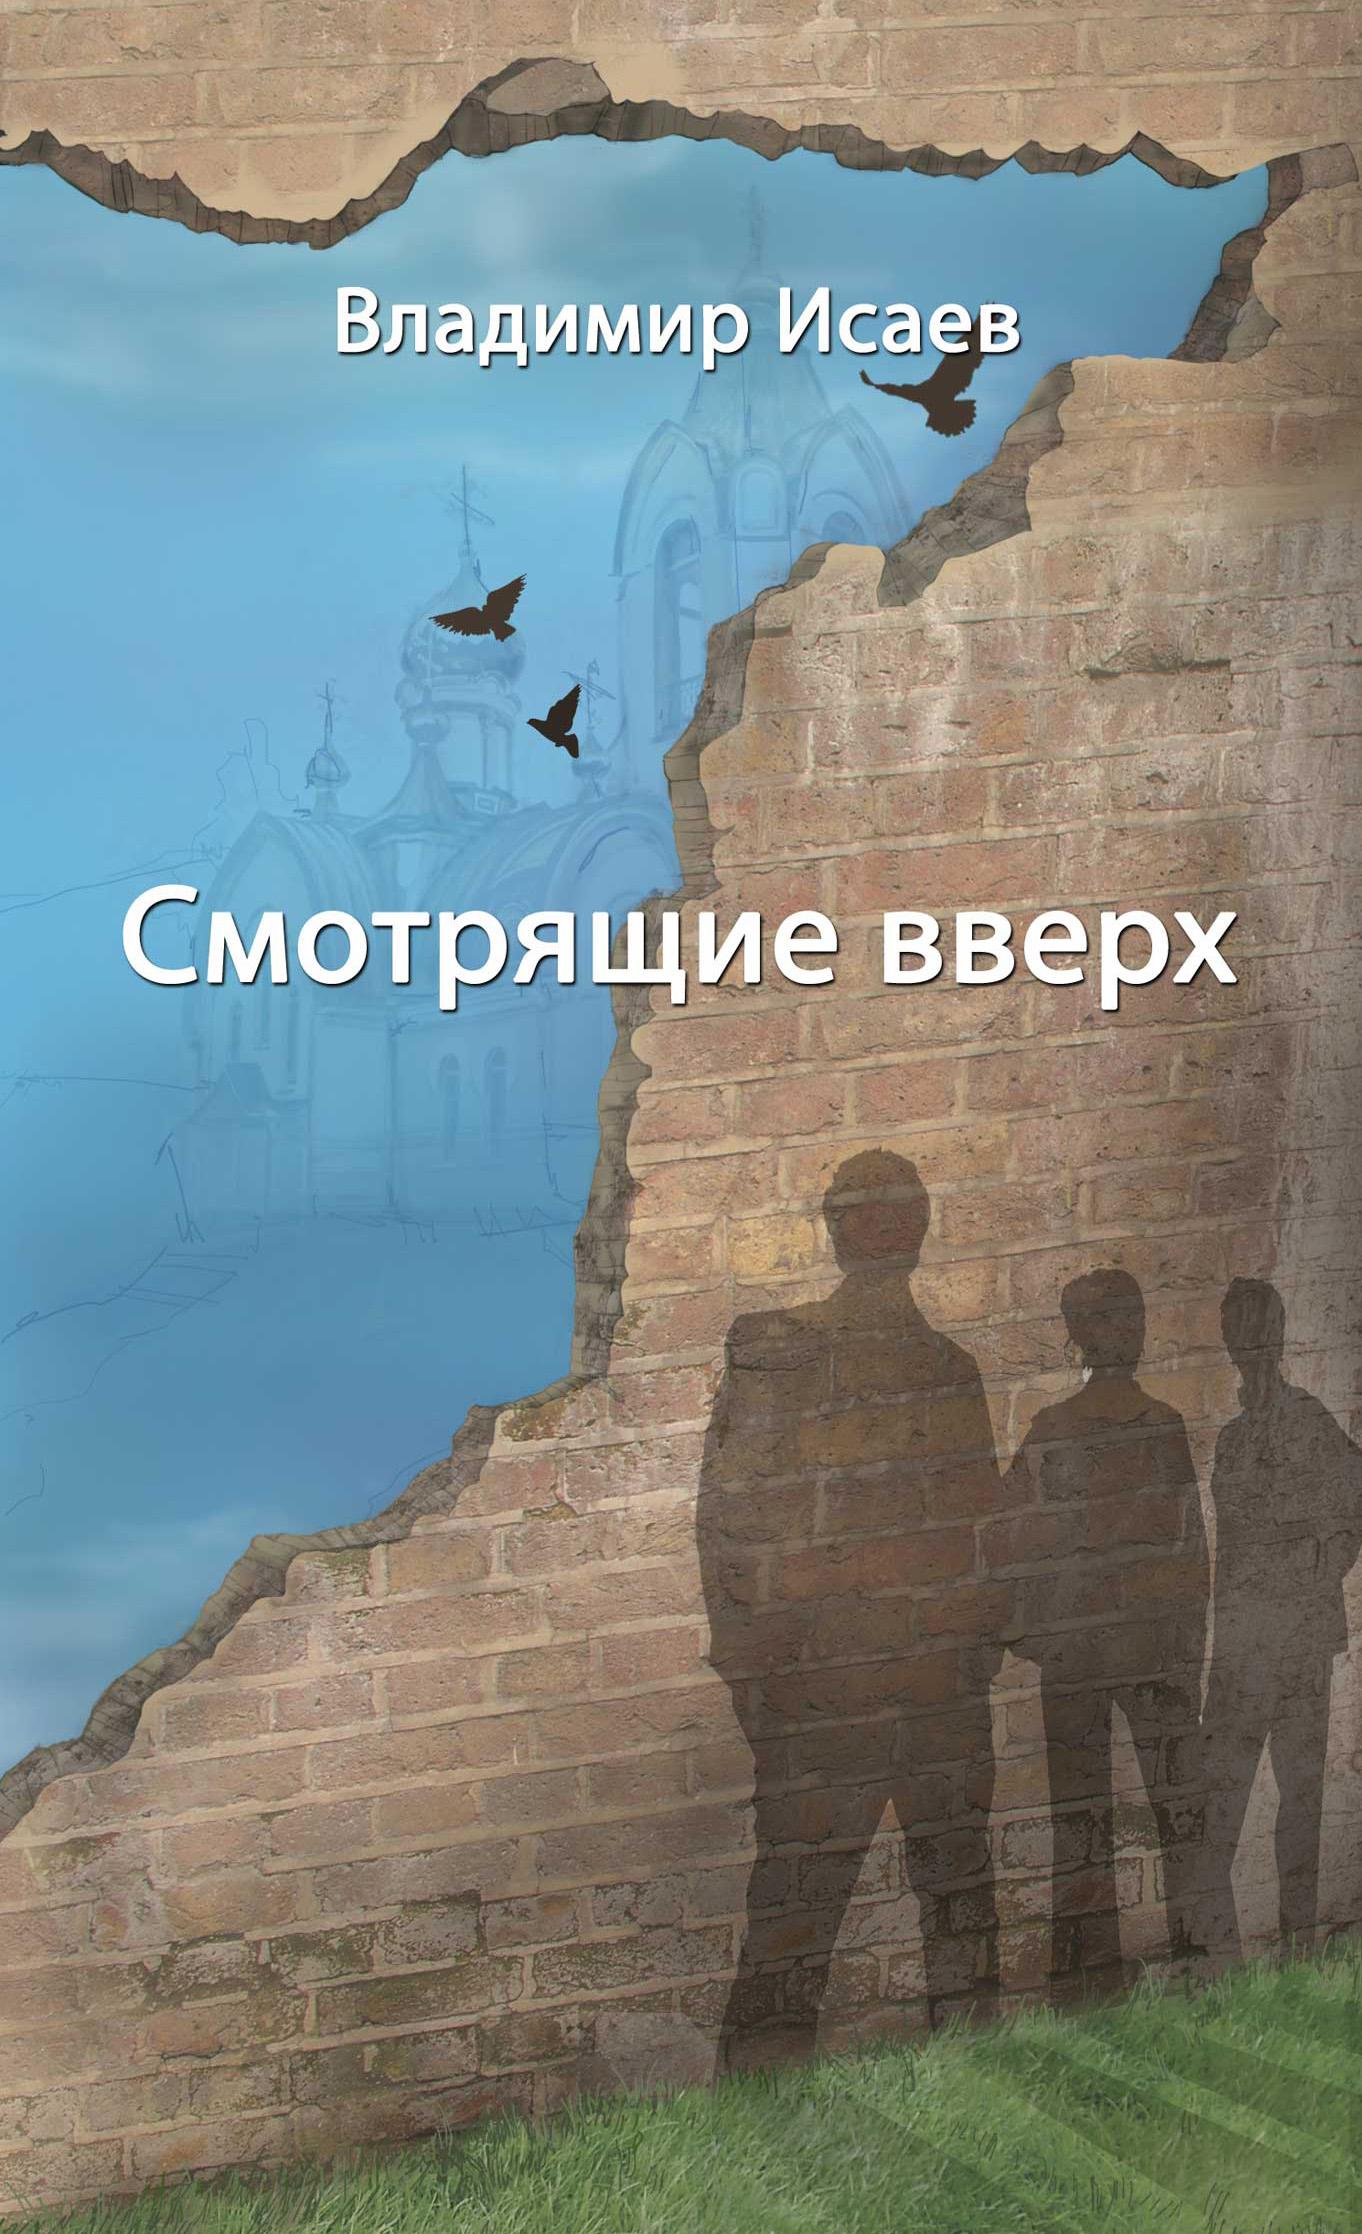 Владимир Исаев Смотрящие вверх (сборник) уваров в с ссср так что же было не так